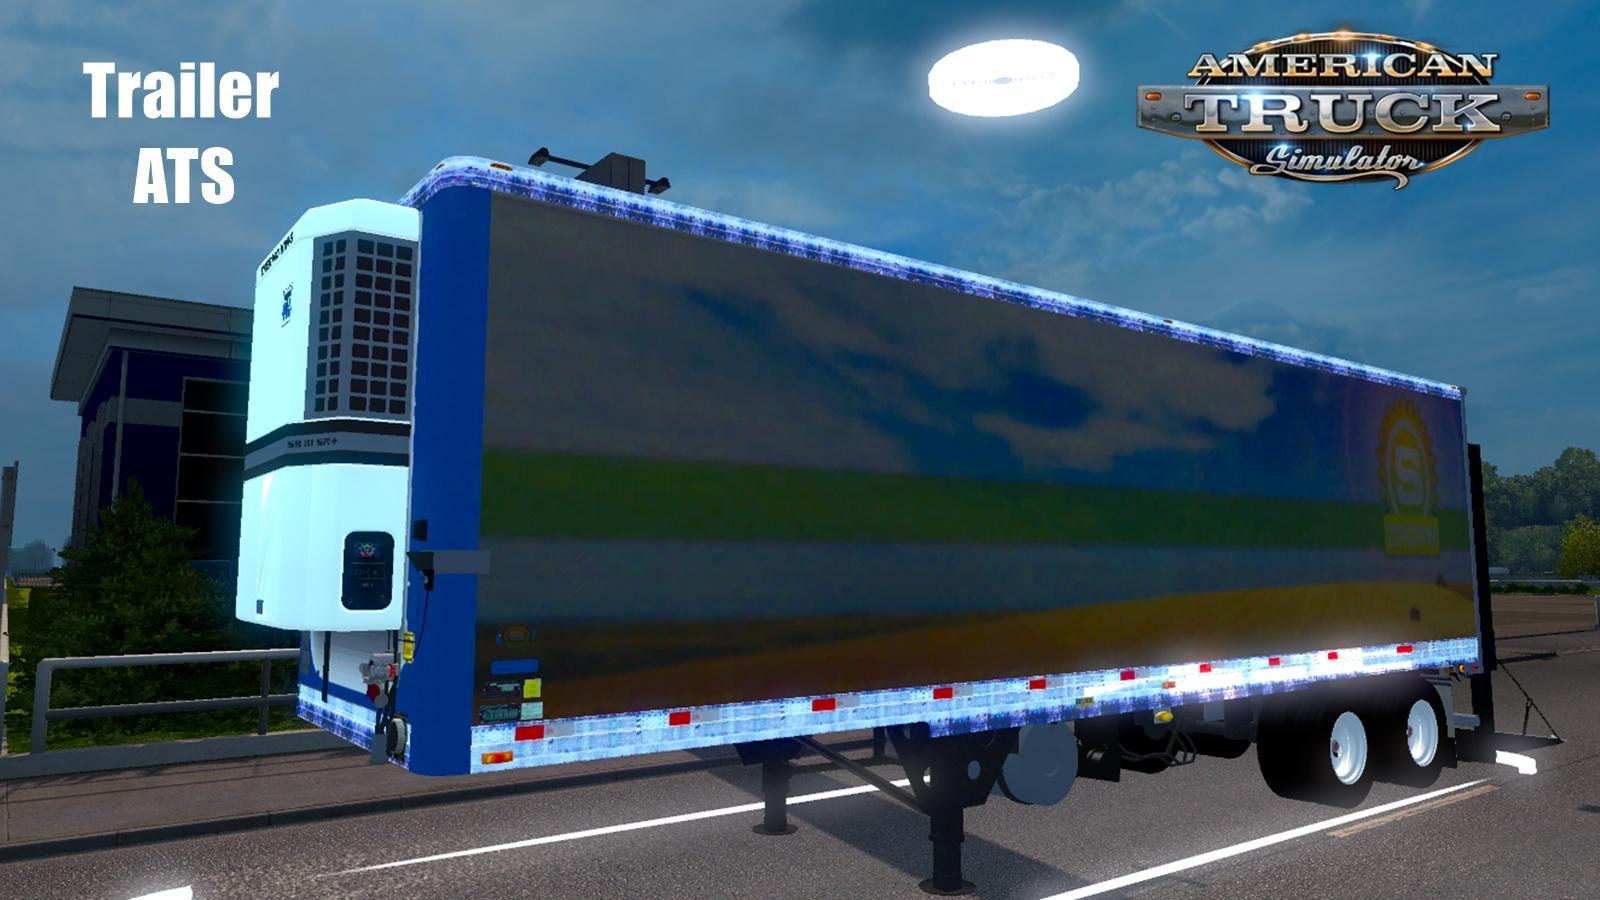 trailer-american-truck-simulator-beta-1-22_1